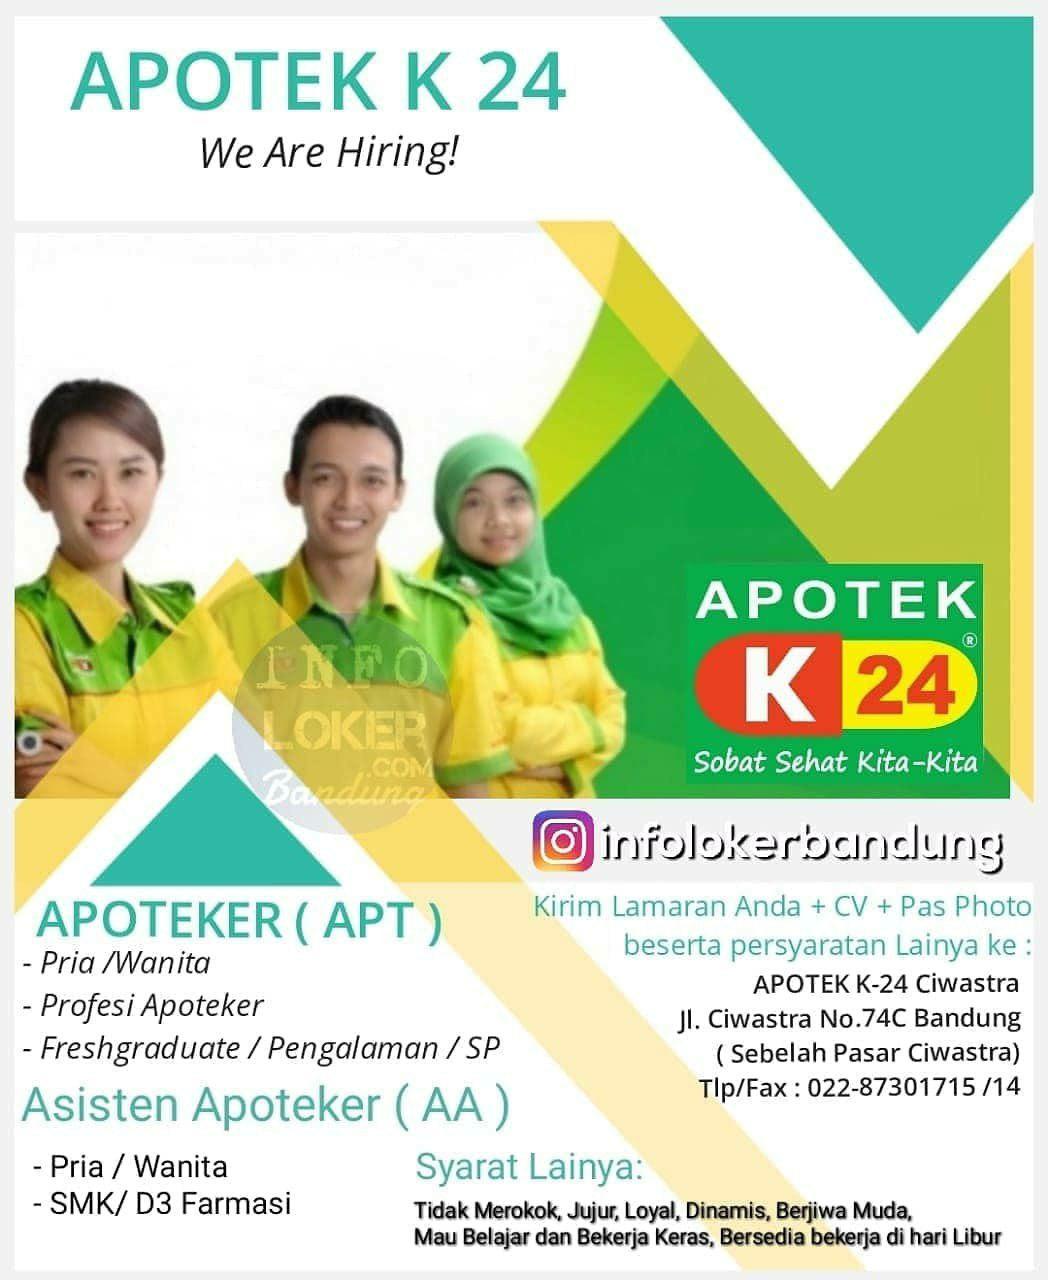 Lowongan Kerja Apotek K24 Bandung November 2018